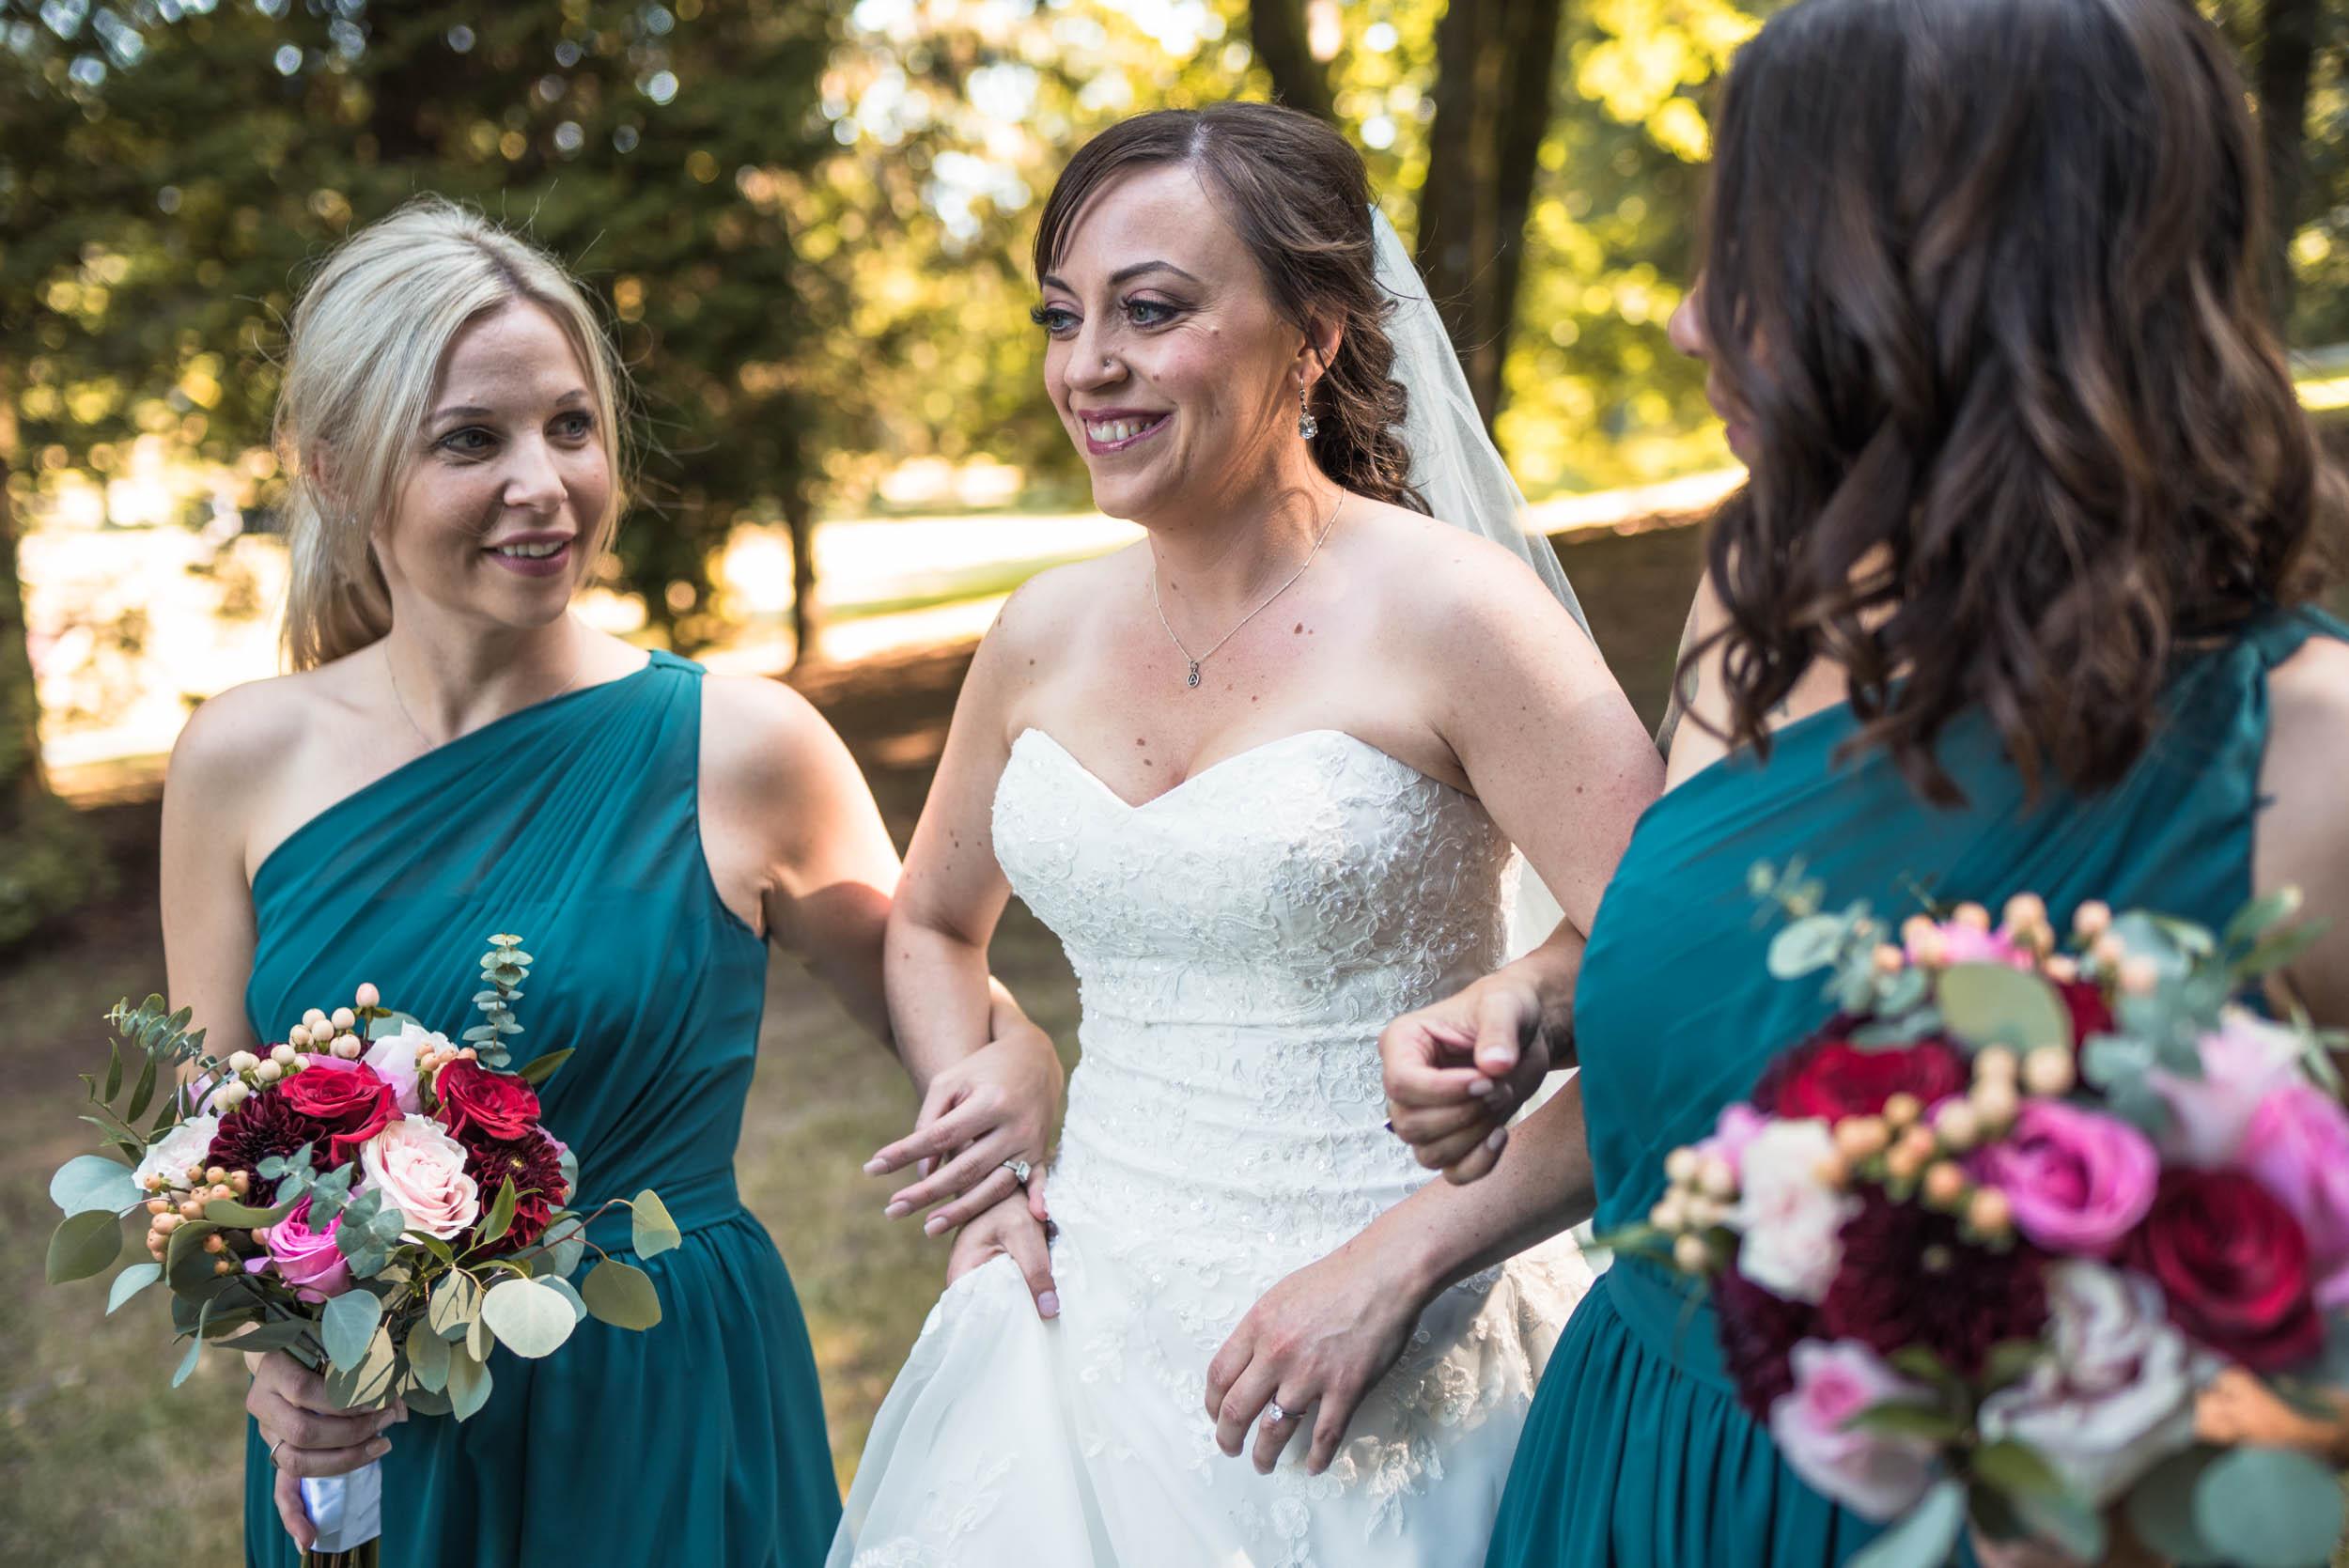 LukeMiklerPhoto_Weddings-4.jpg